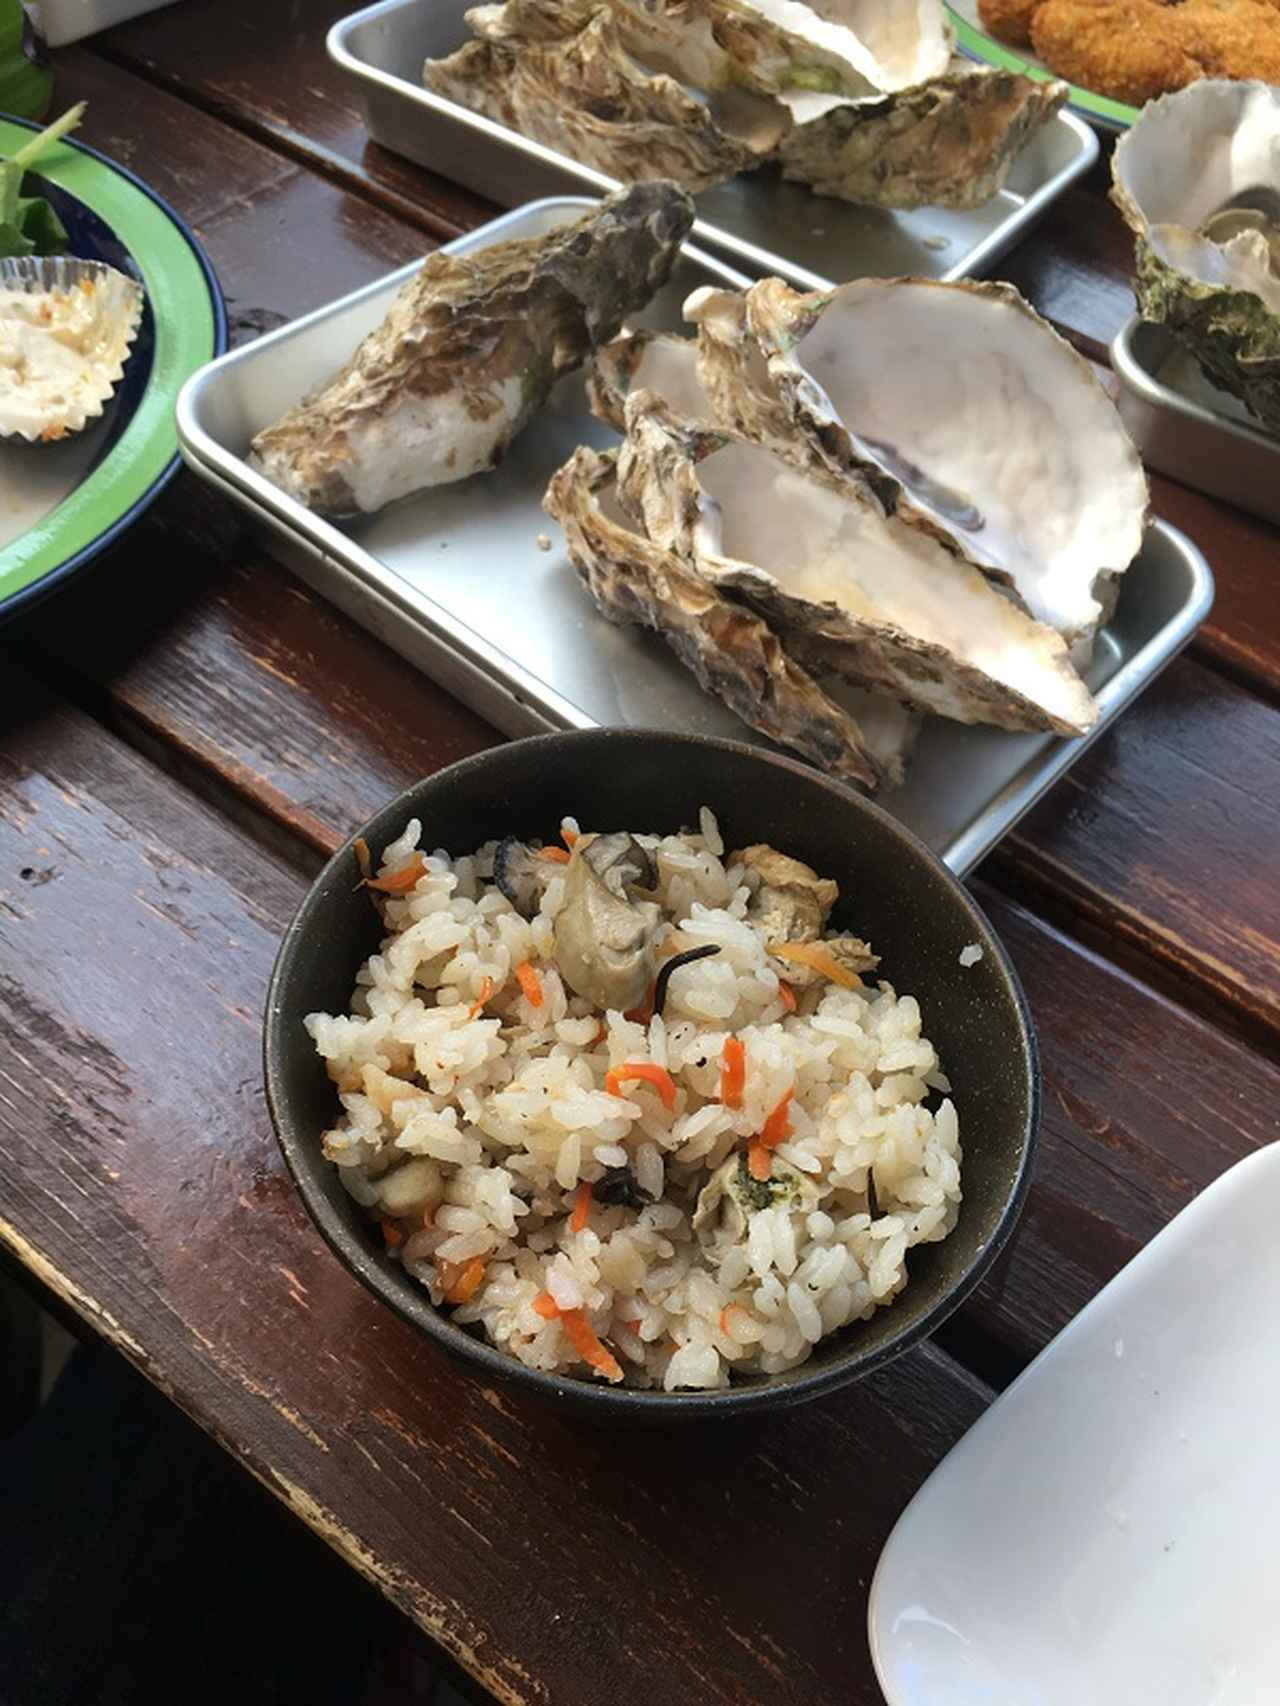 画像: 今回は三重県鳥羽市浦村にある『かき太郎』さんで牡蠣三昧!! たらふく食べて大満足です(*^^*) www.google.co.jp